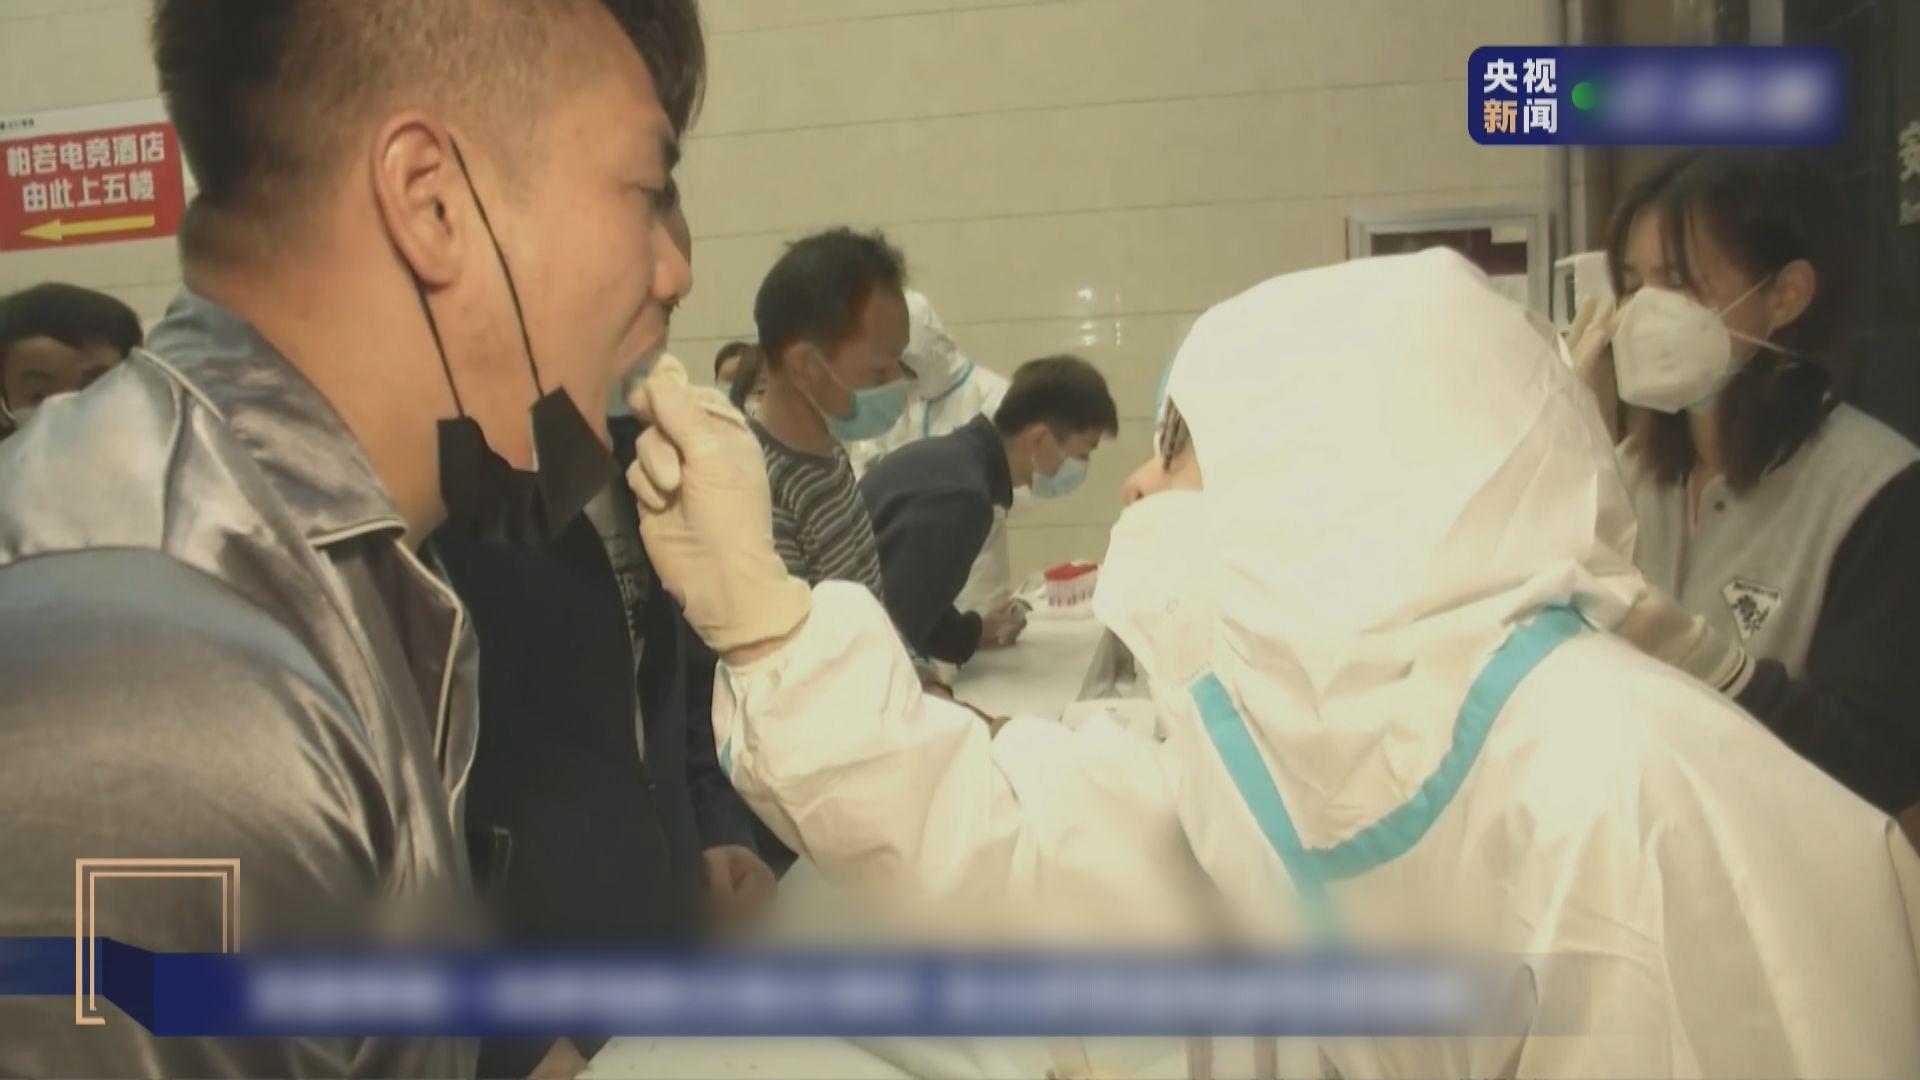 安徽發現3宗本土新冠病毒確診 為密切接觸者